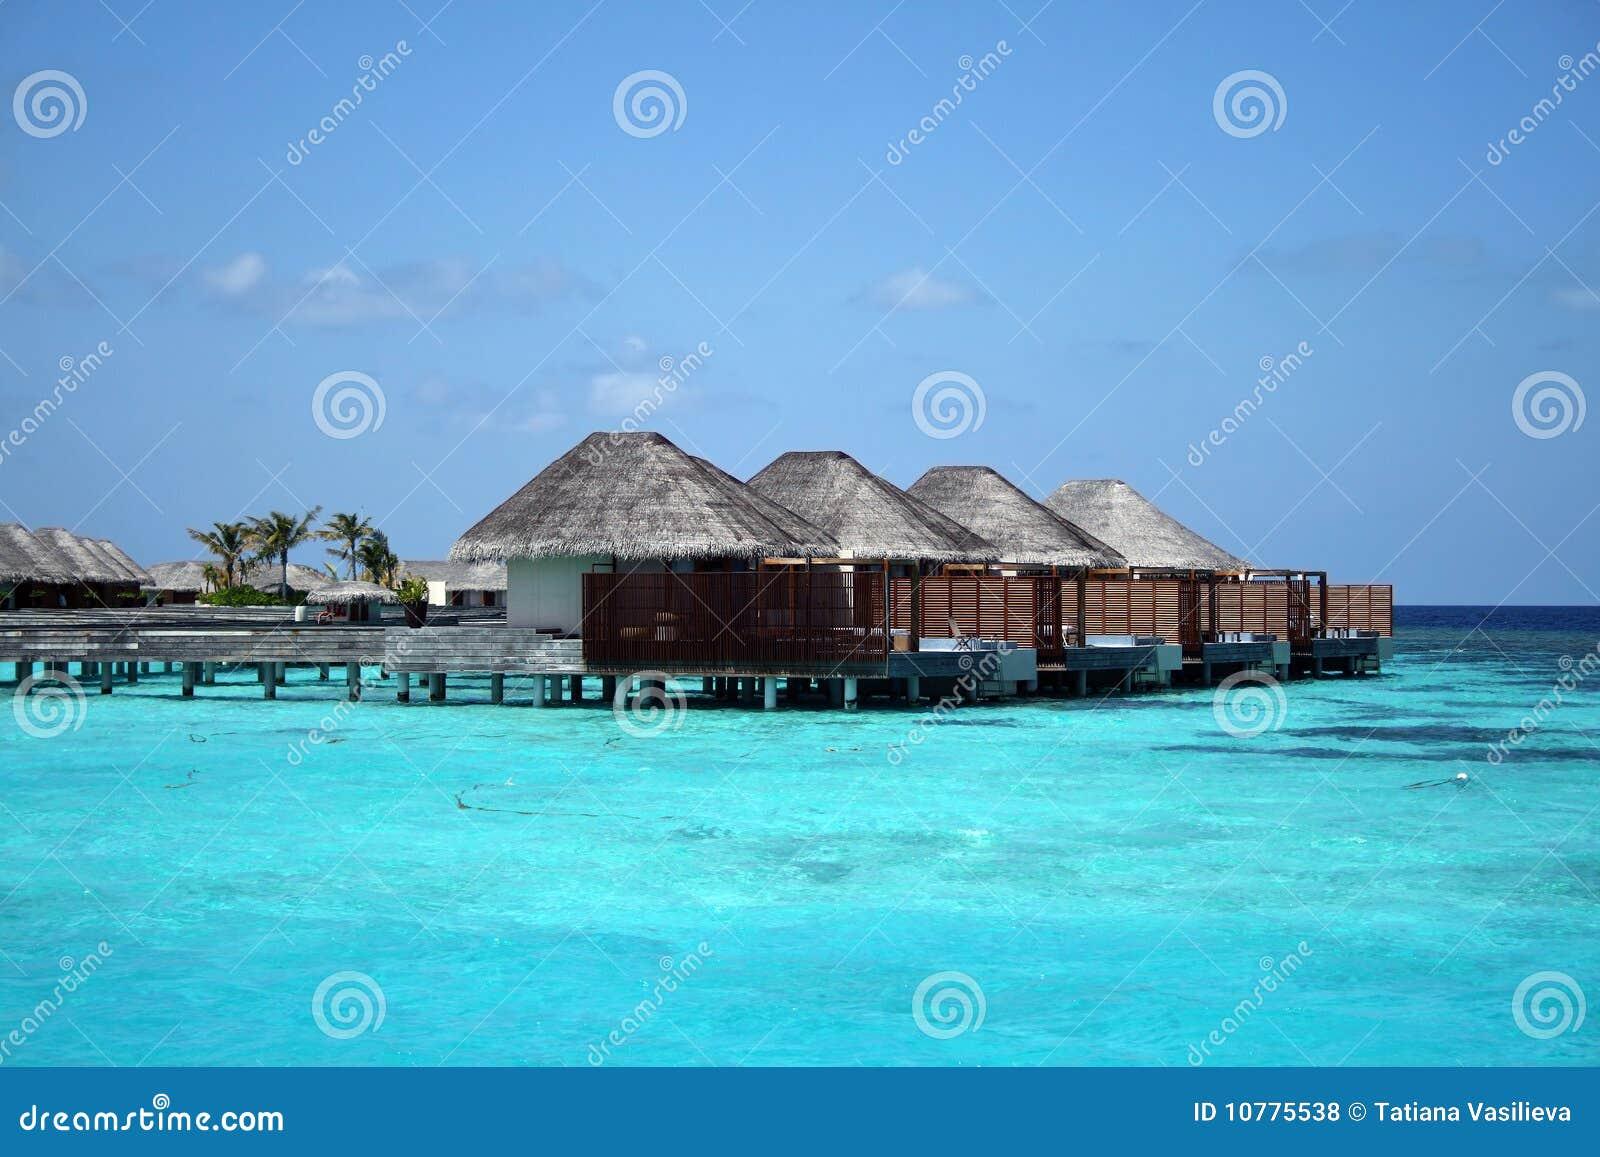 De Maldiven: water bungalow in de oceaan